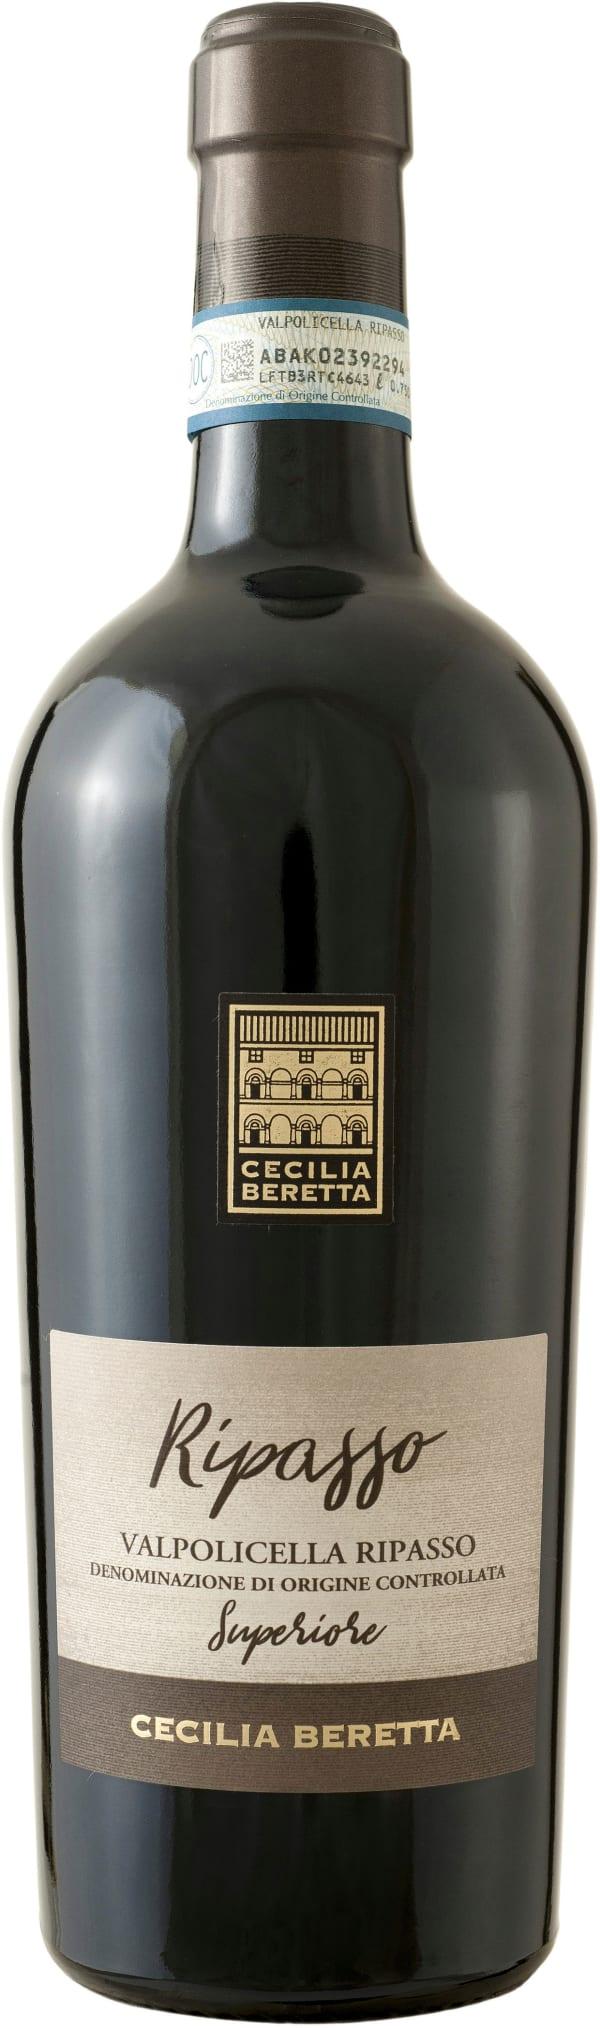 Cecilia Beretta Valpolicella Superiore Ripasso 2018 presentförpackning